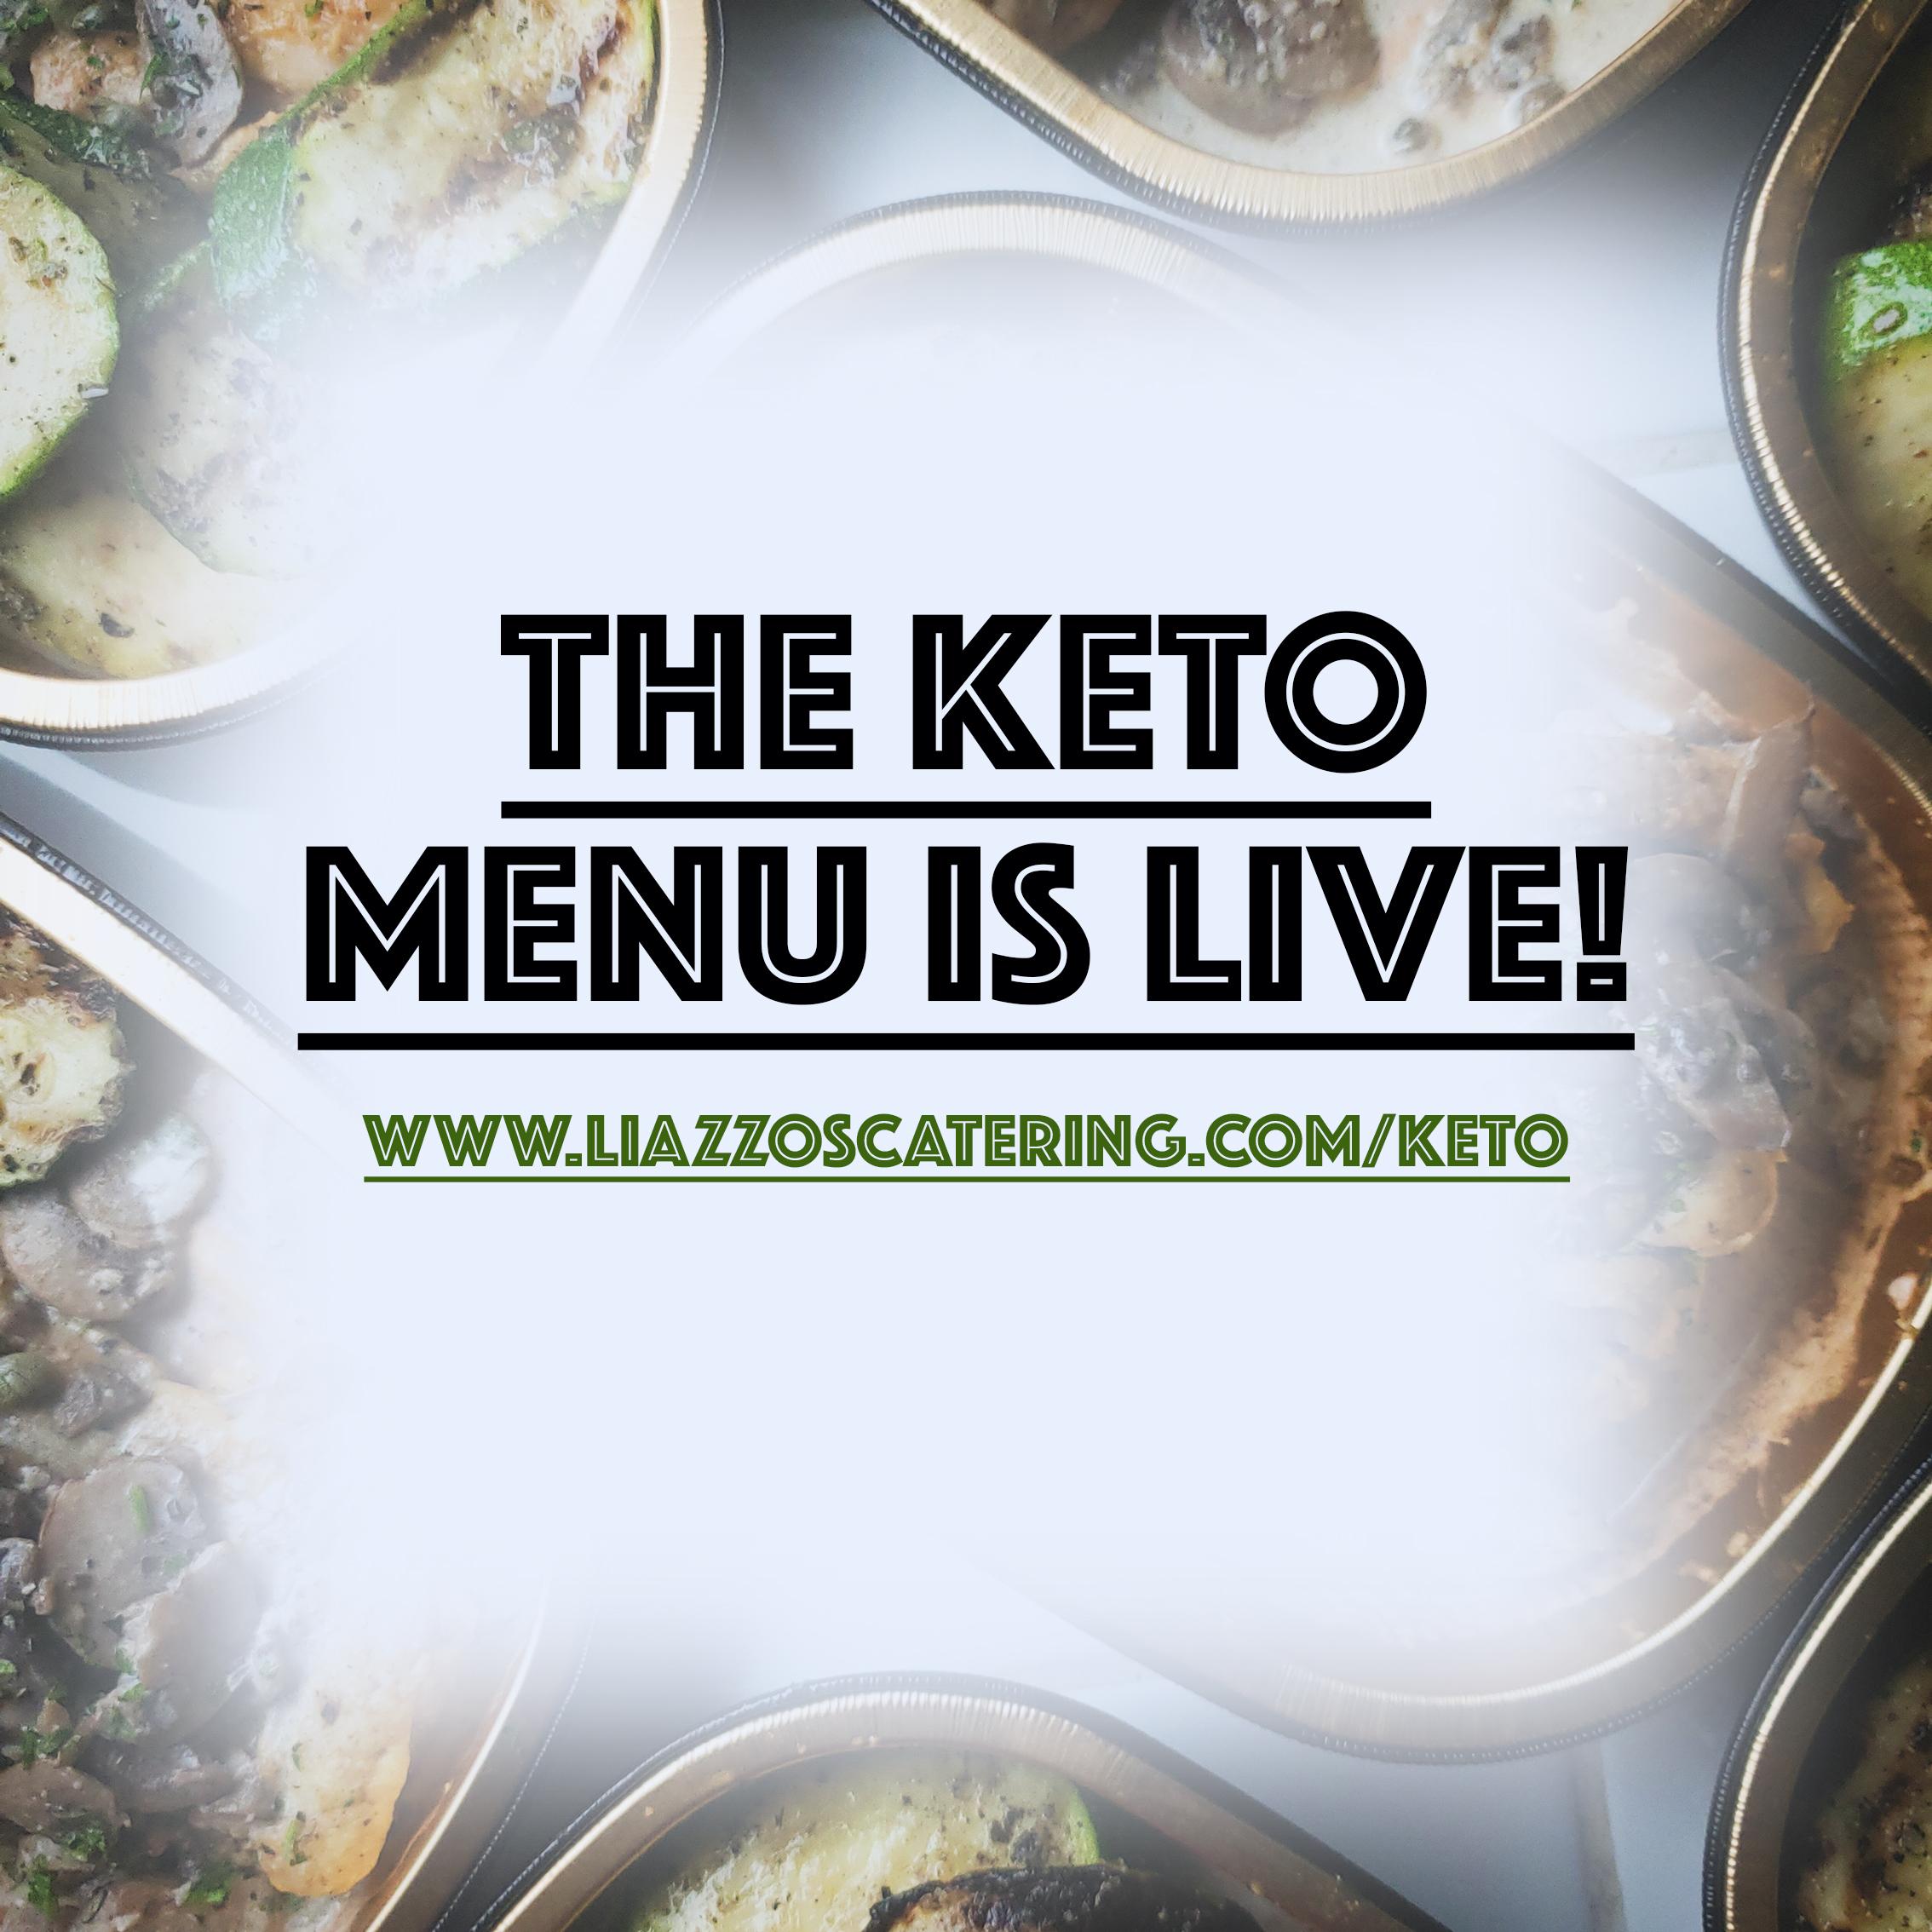 KETO IS LIVE ALERT.jpg